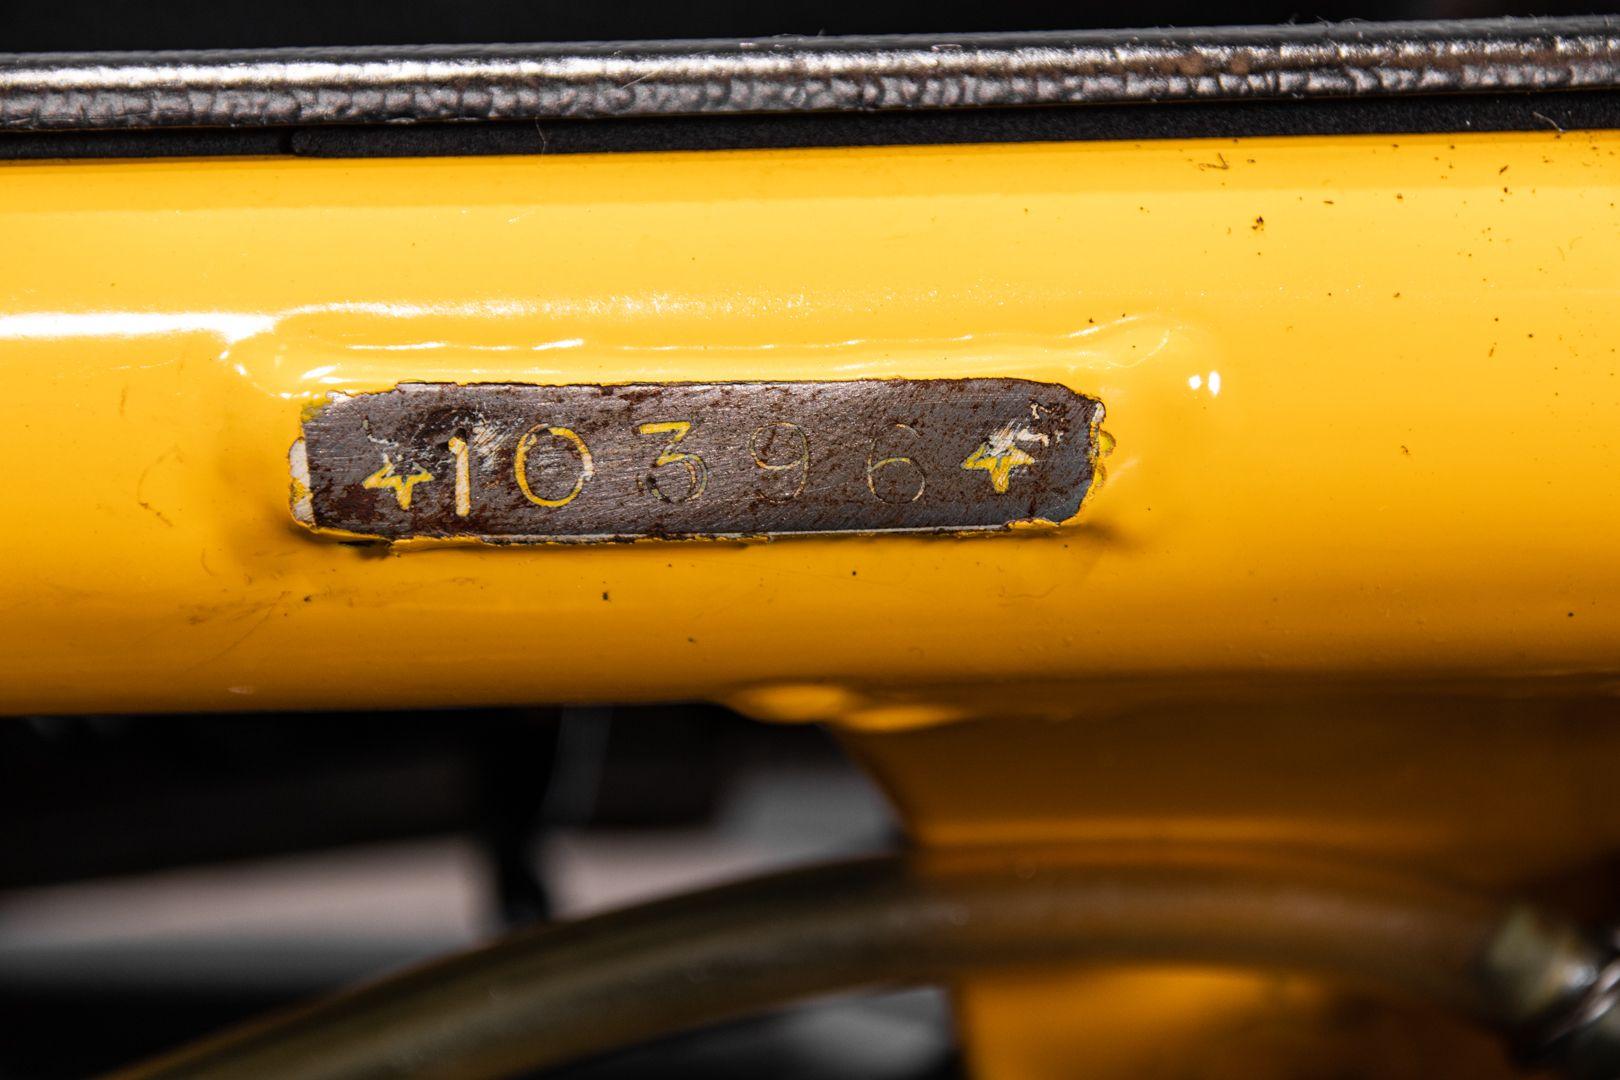 1968 Italjet Kit Kat 64806